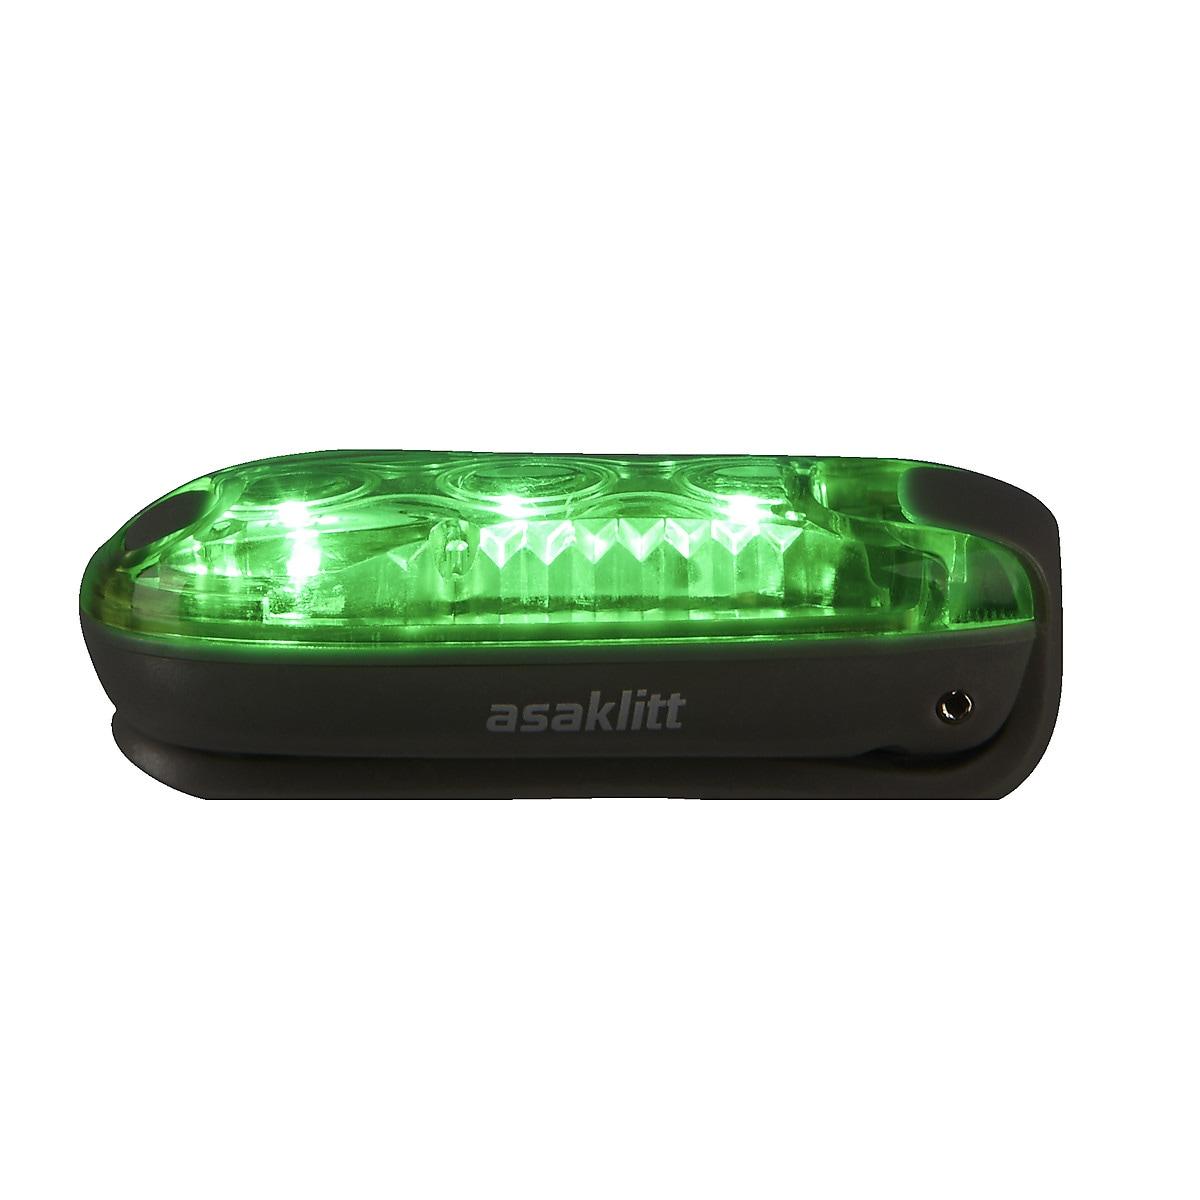 LED-Lampe mit Federklemme, Asaklitt